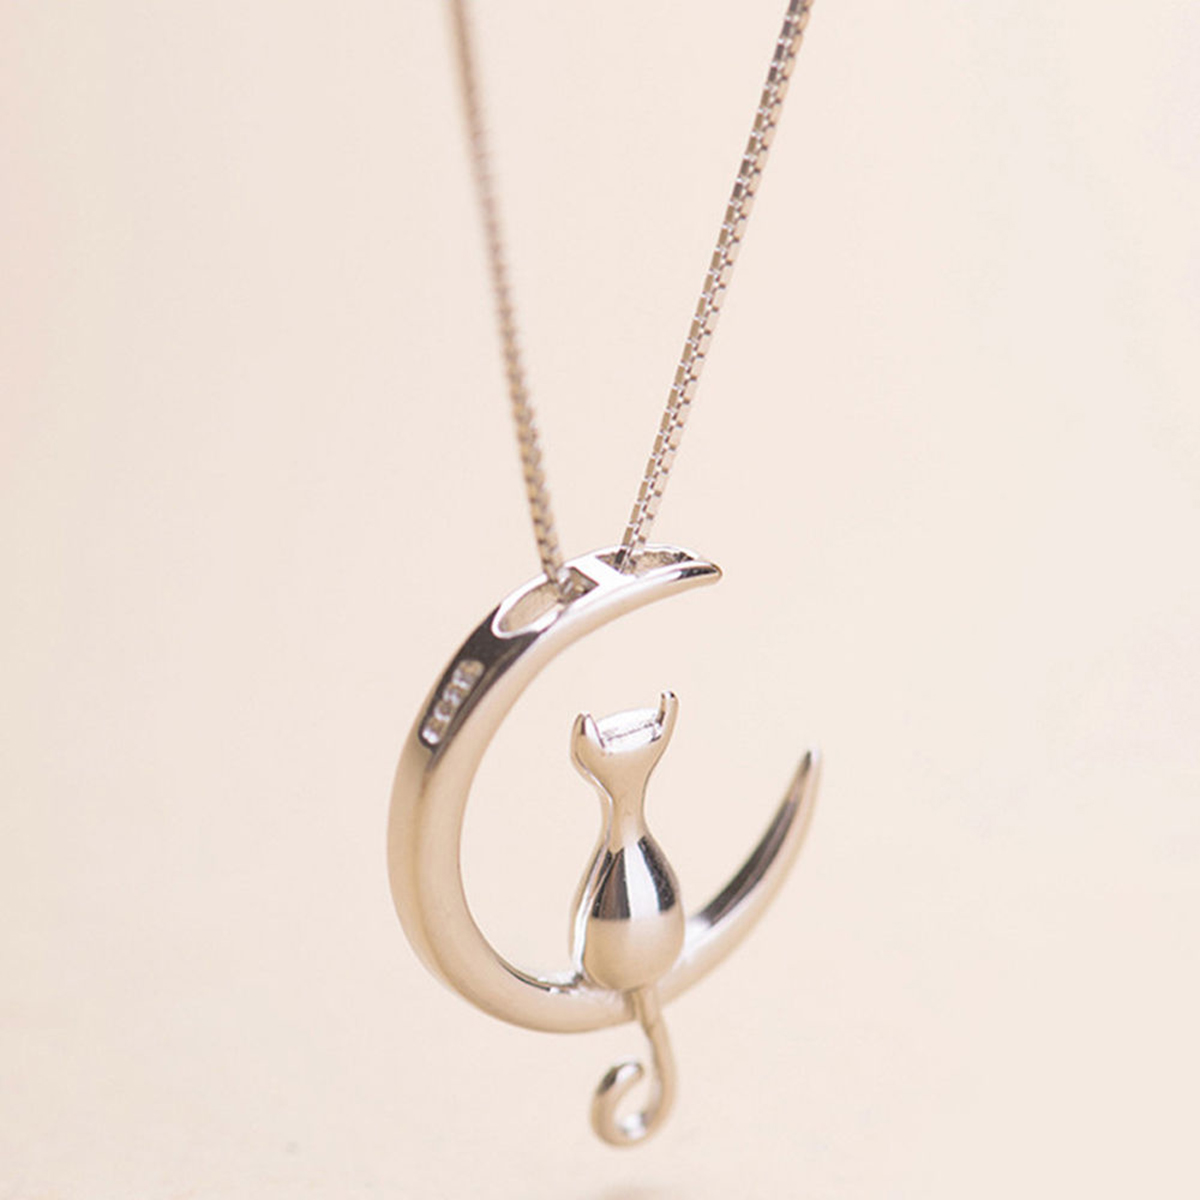 אופנה חתול ירח תליון שרשרת קסם כסף זהב צבע קישור שרשרת שרשרת עבור חיות מחמד מזל תכשיטים לנשים מתנה Shellhard